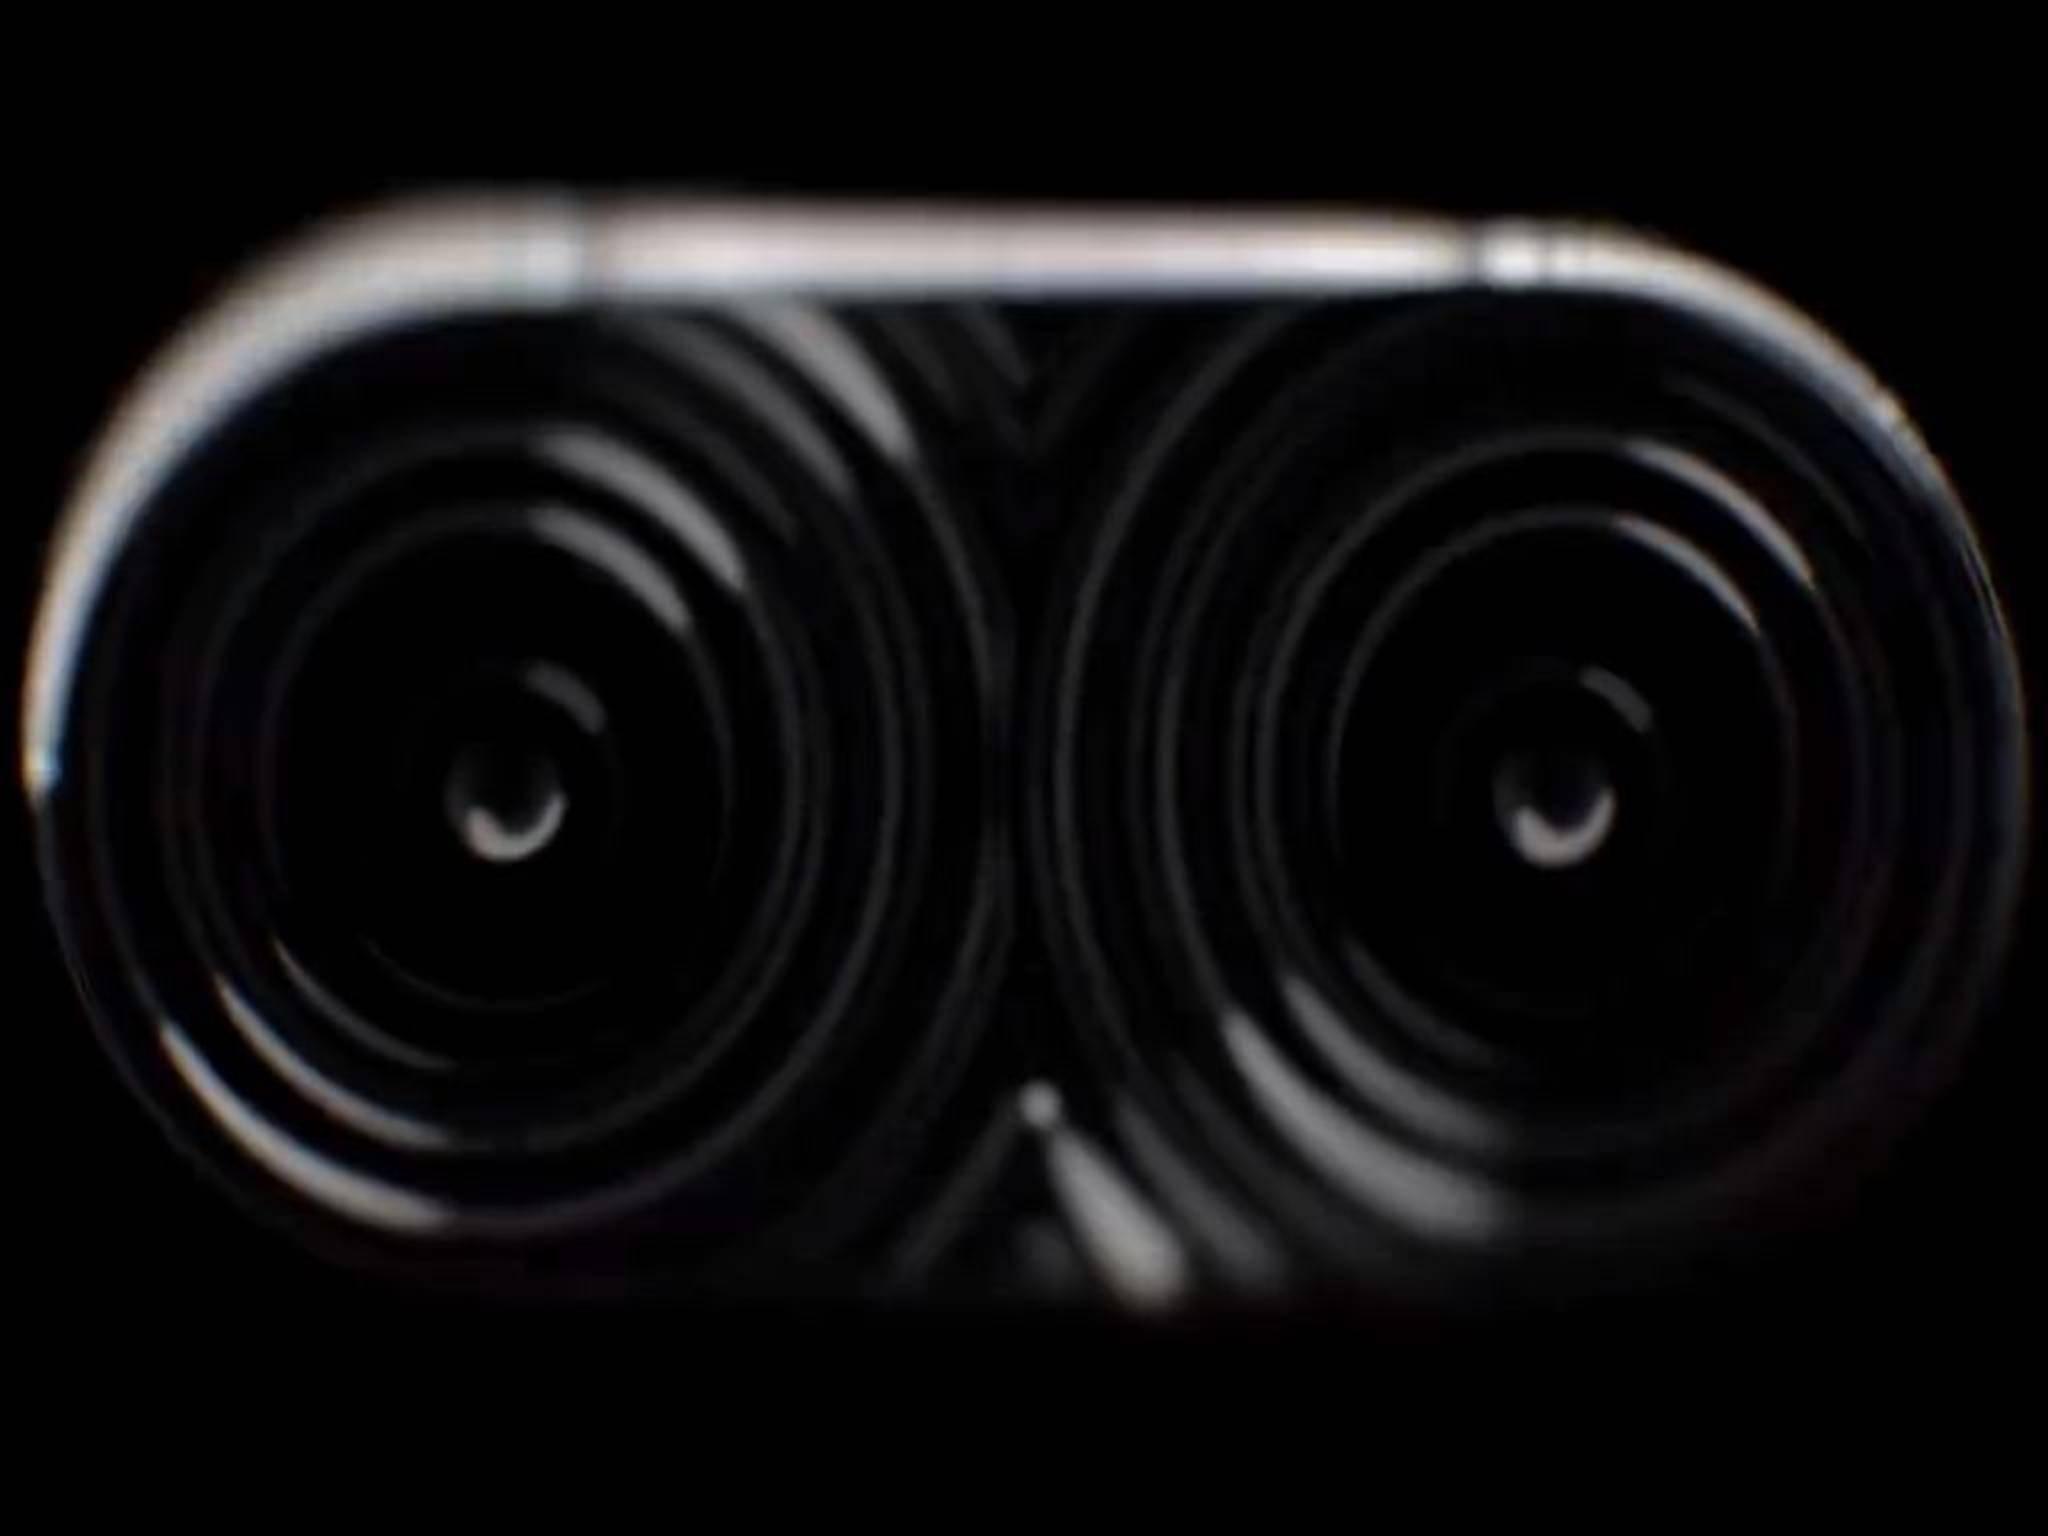 Doppelkamera für doppelten Durchblick? Asus teasert ein neues ZenFone an.